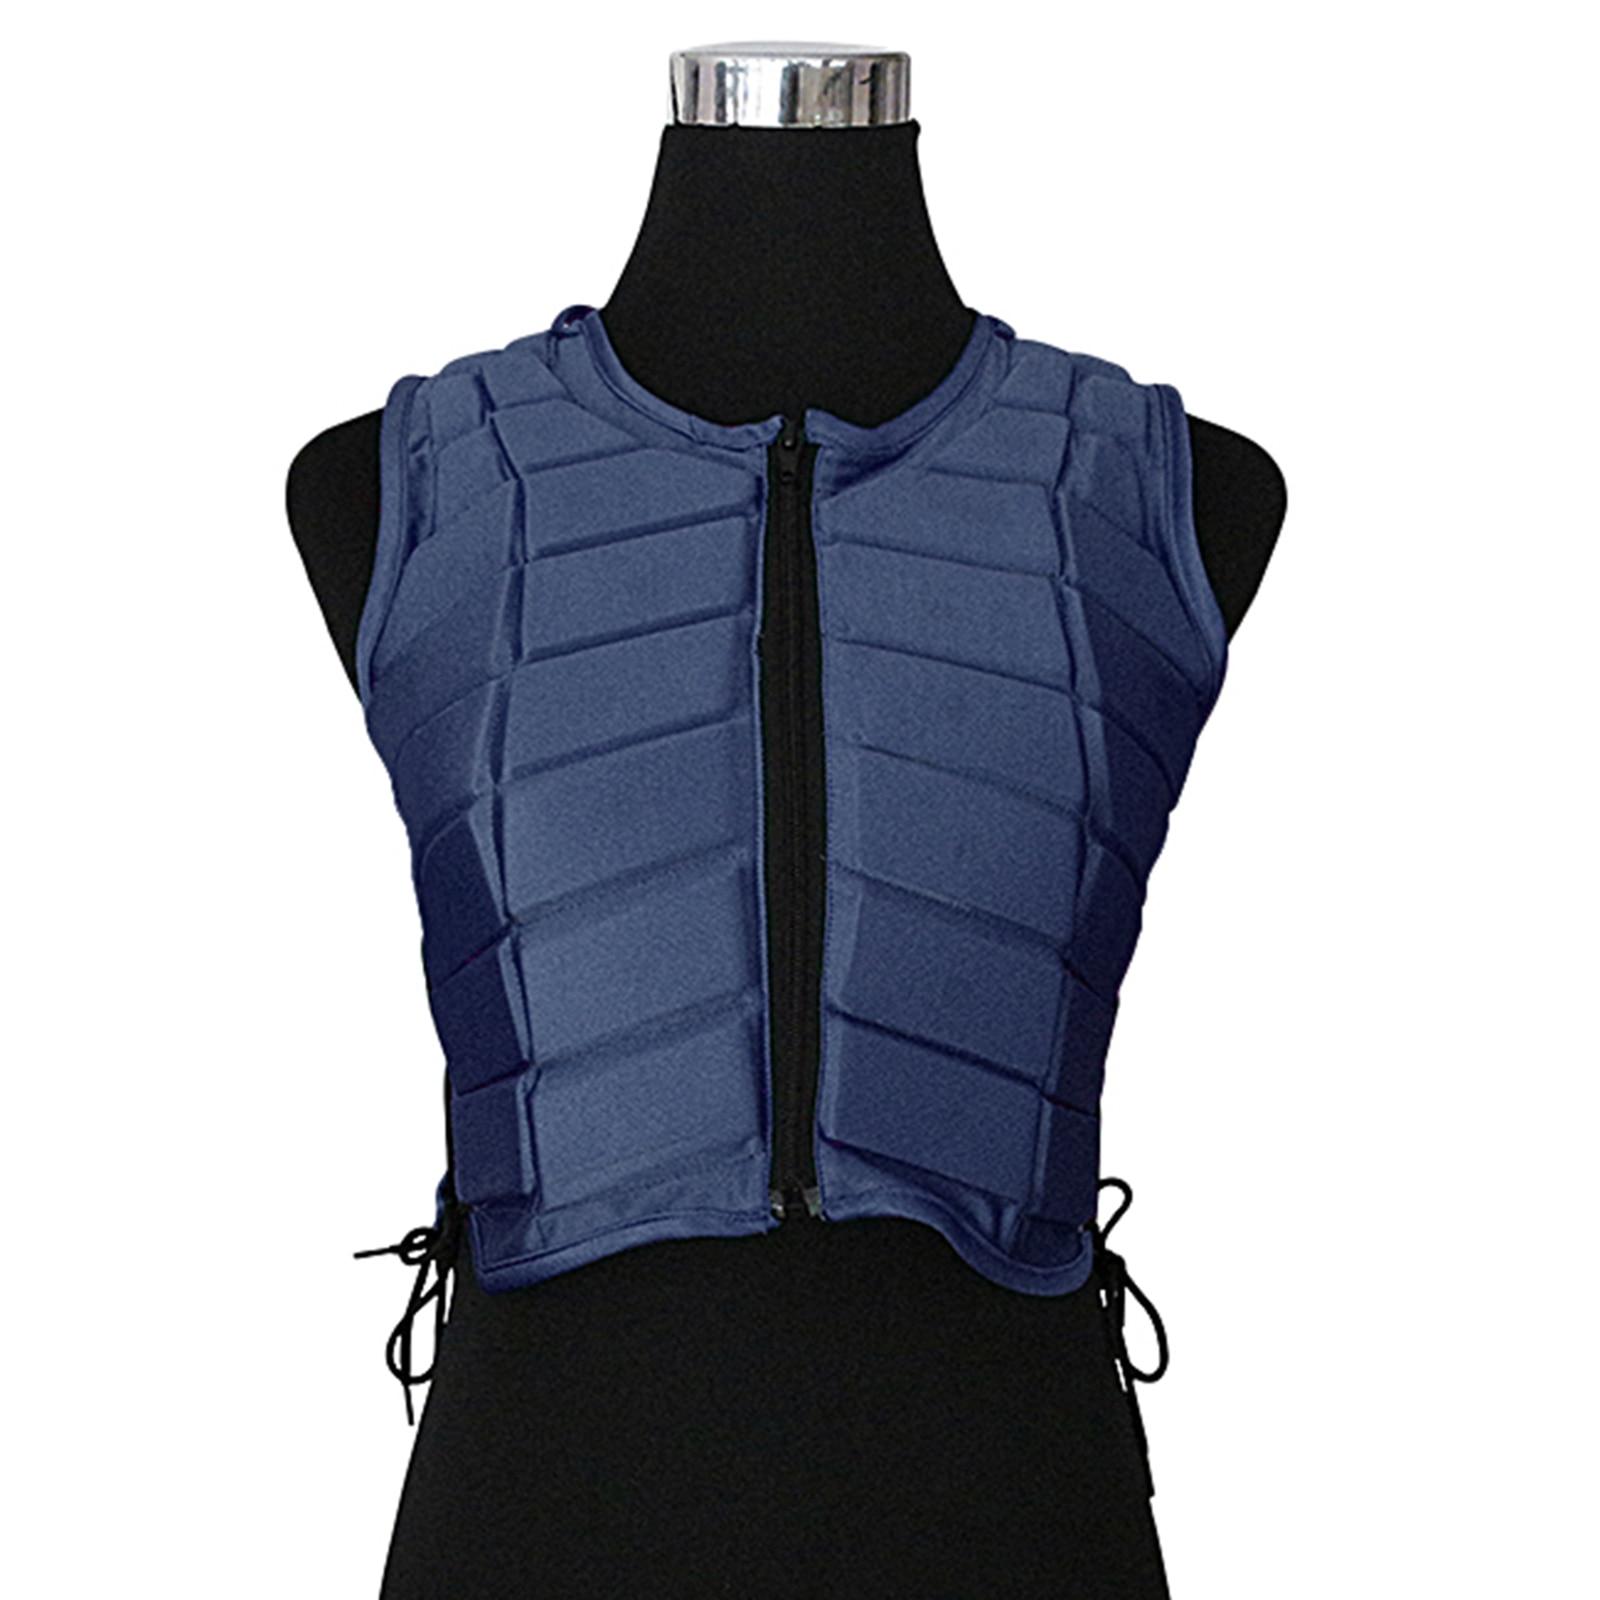 Жилет для конного спорта EVA, защита для тела для верховой езды, Противоударная прокладка